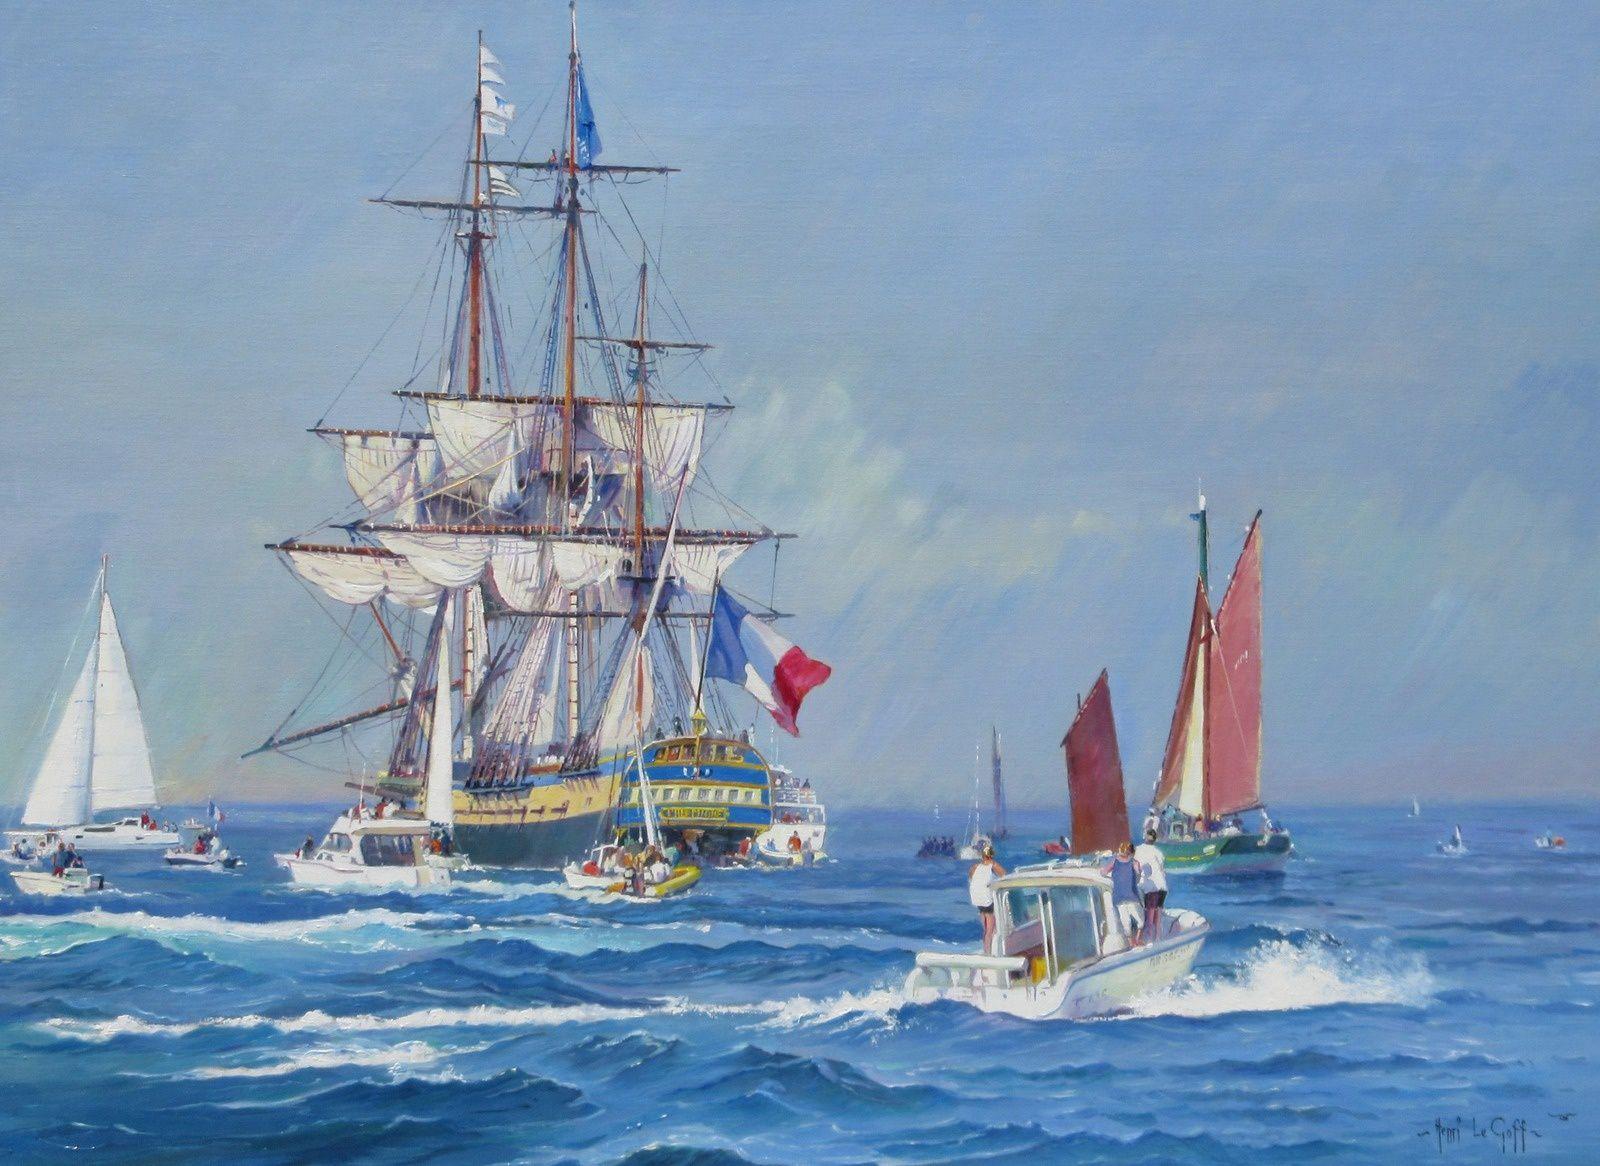 Dans le sillage de la frégate Hermione La Fayette Rochefort Etats Unis d'Amérique -  Peinture marine Huile sur toile - Henri Le Goff